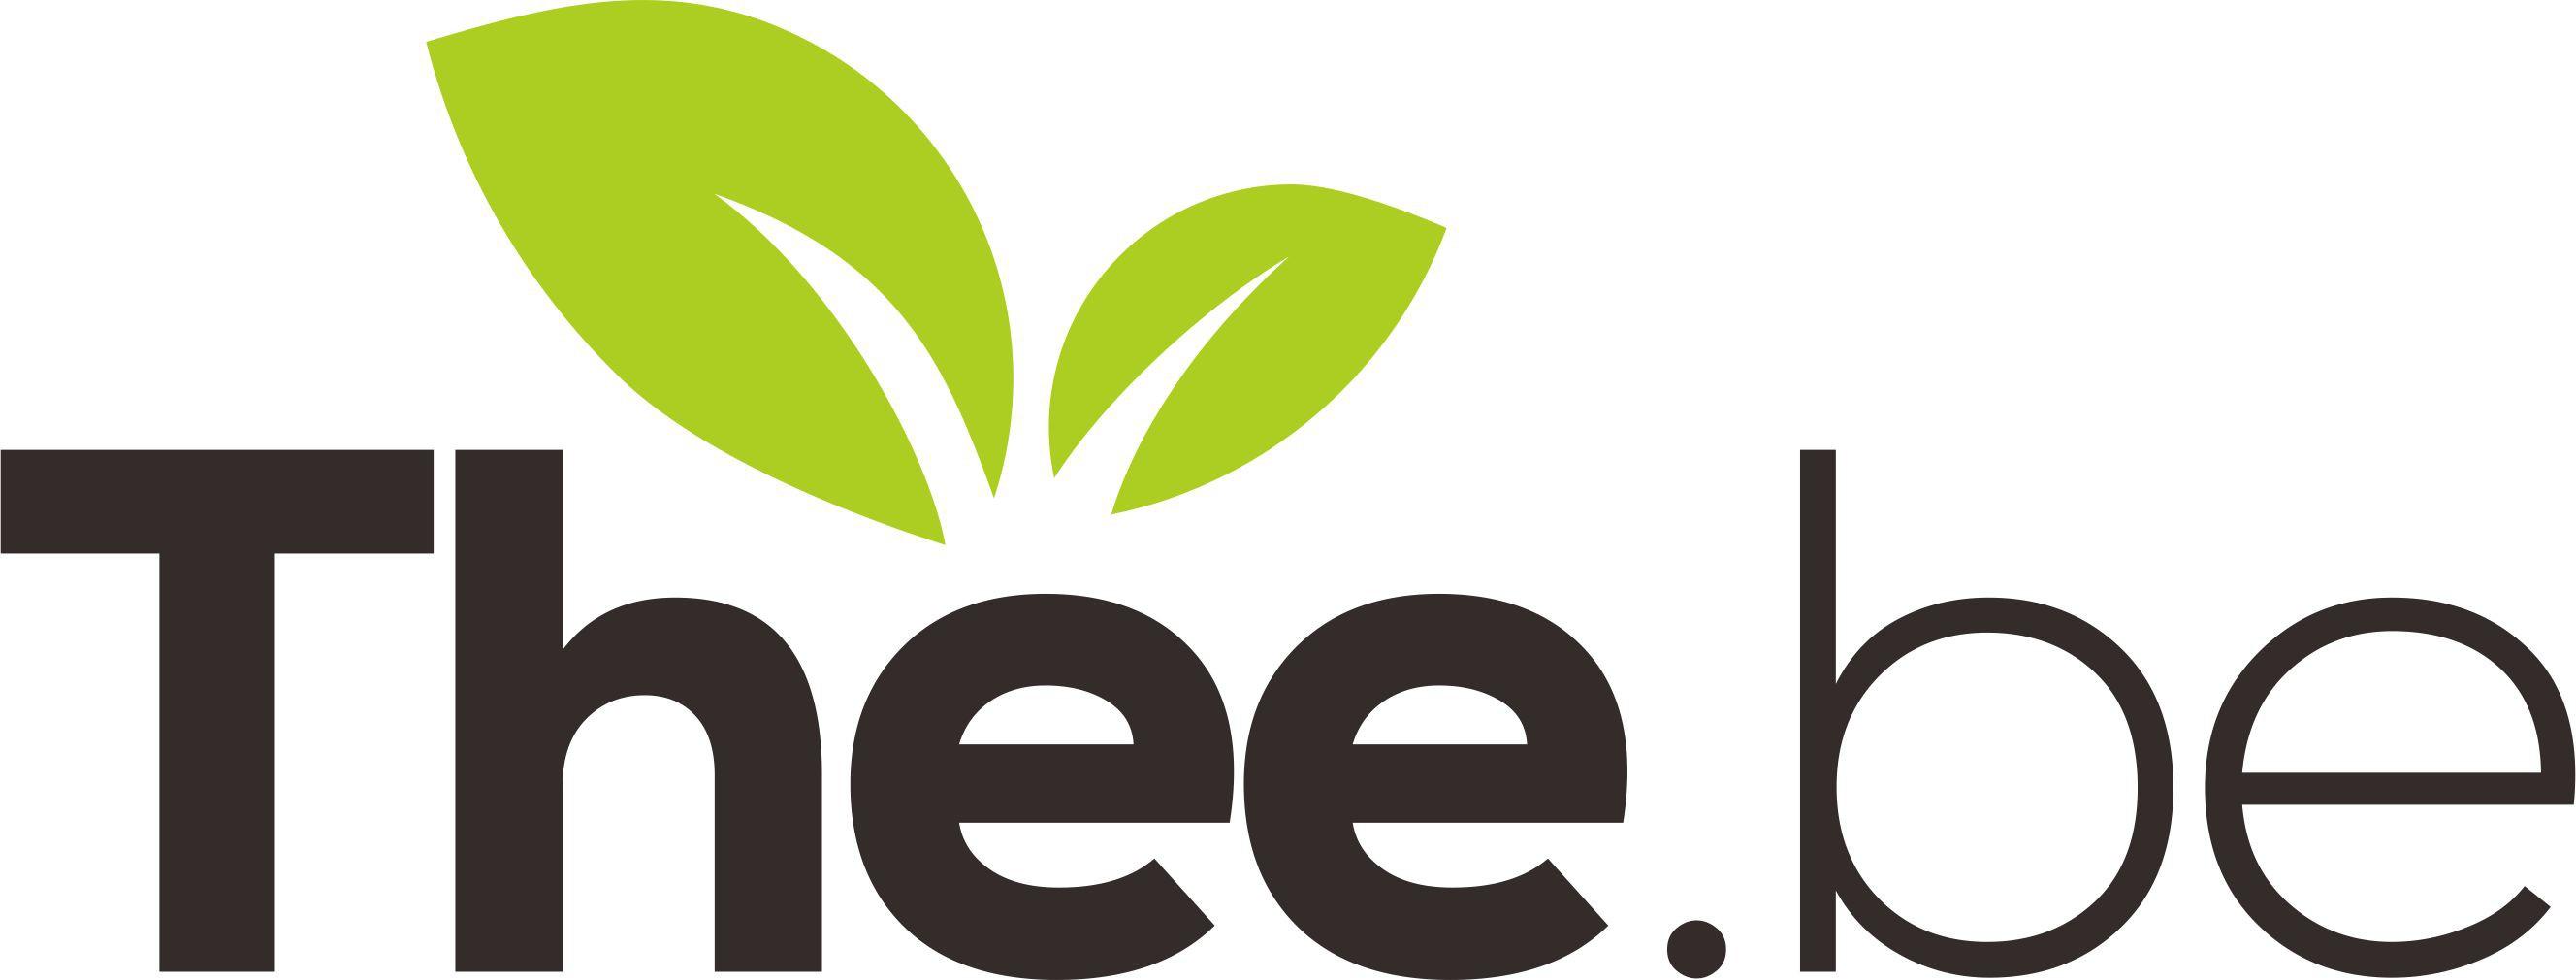 Logo design for Tea webshop